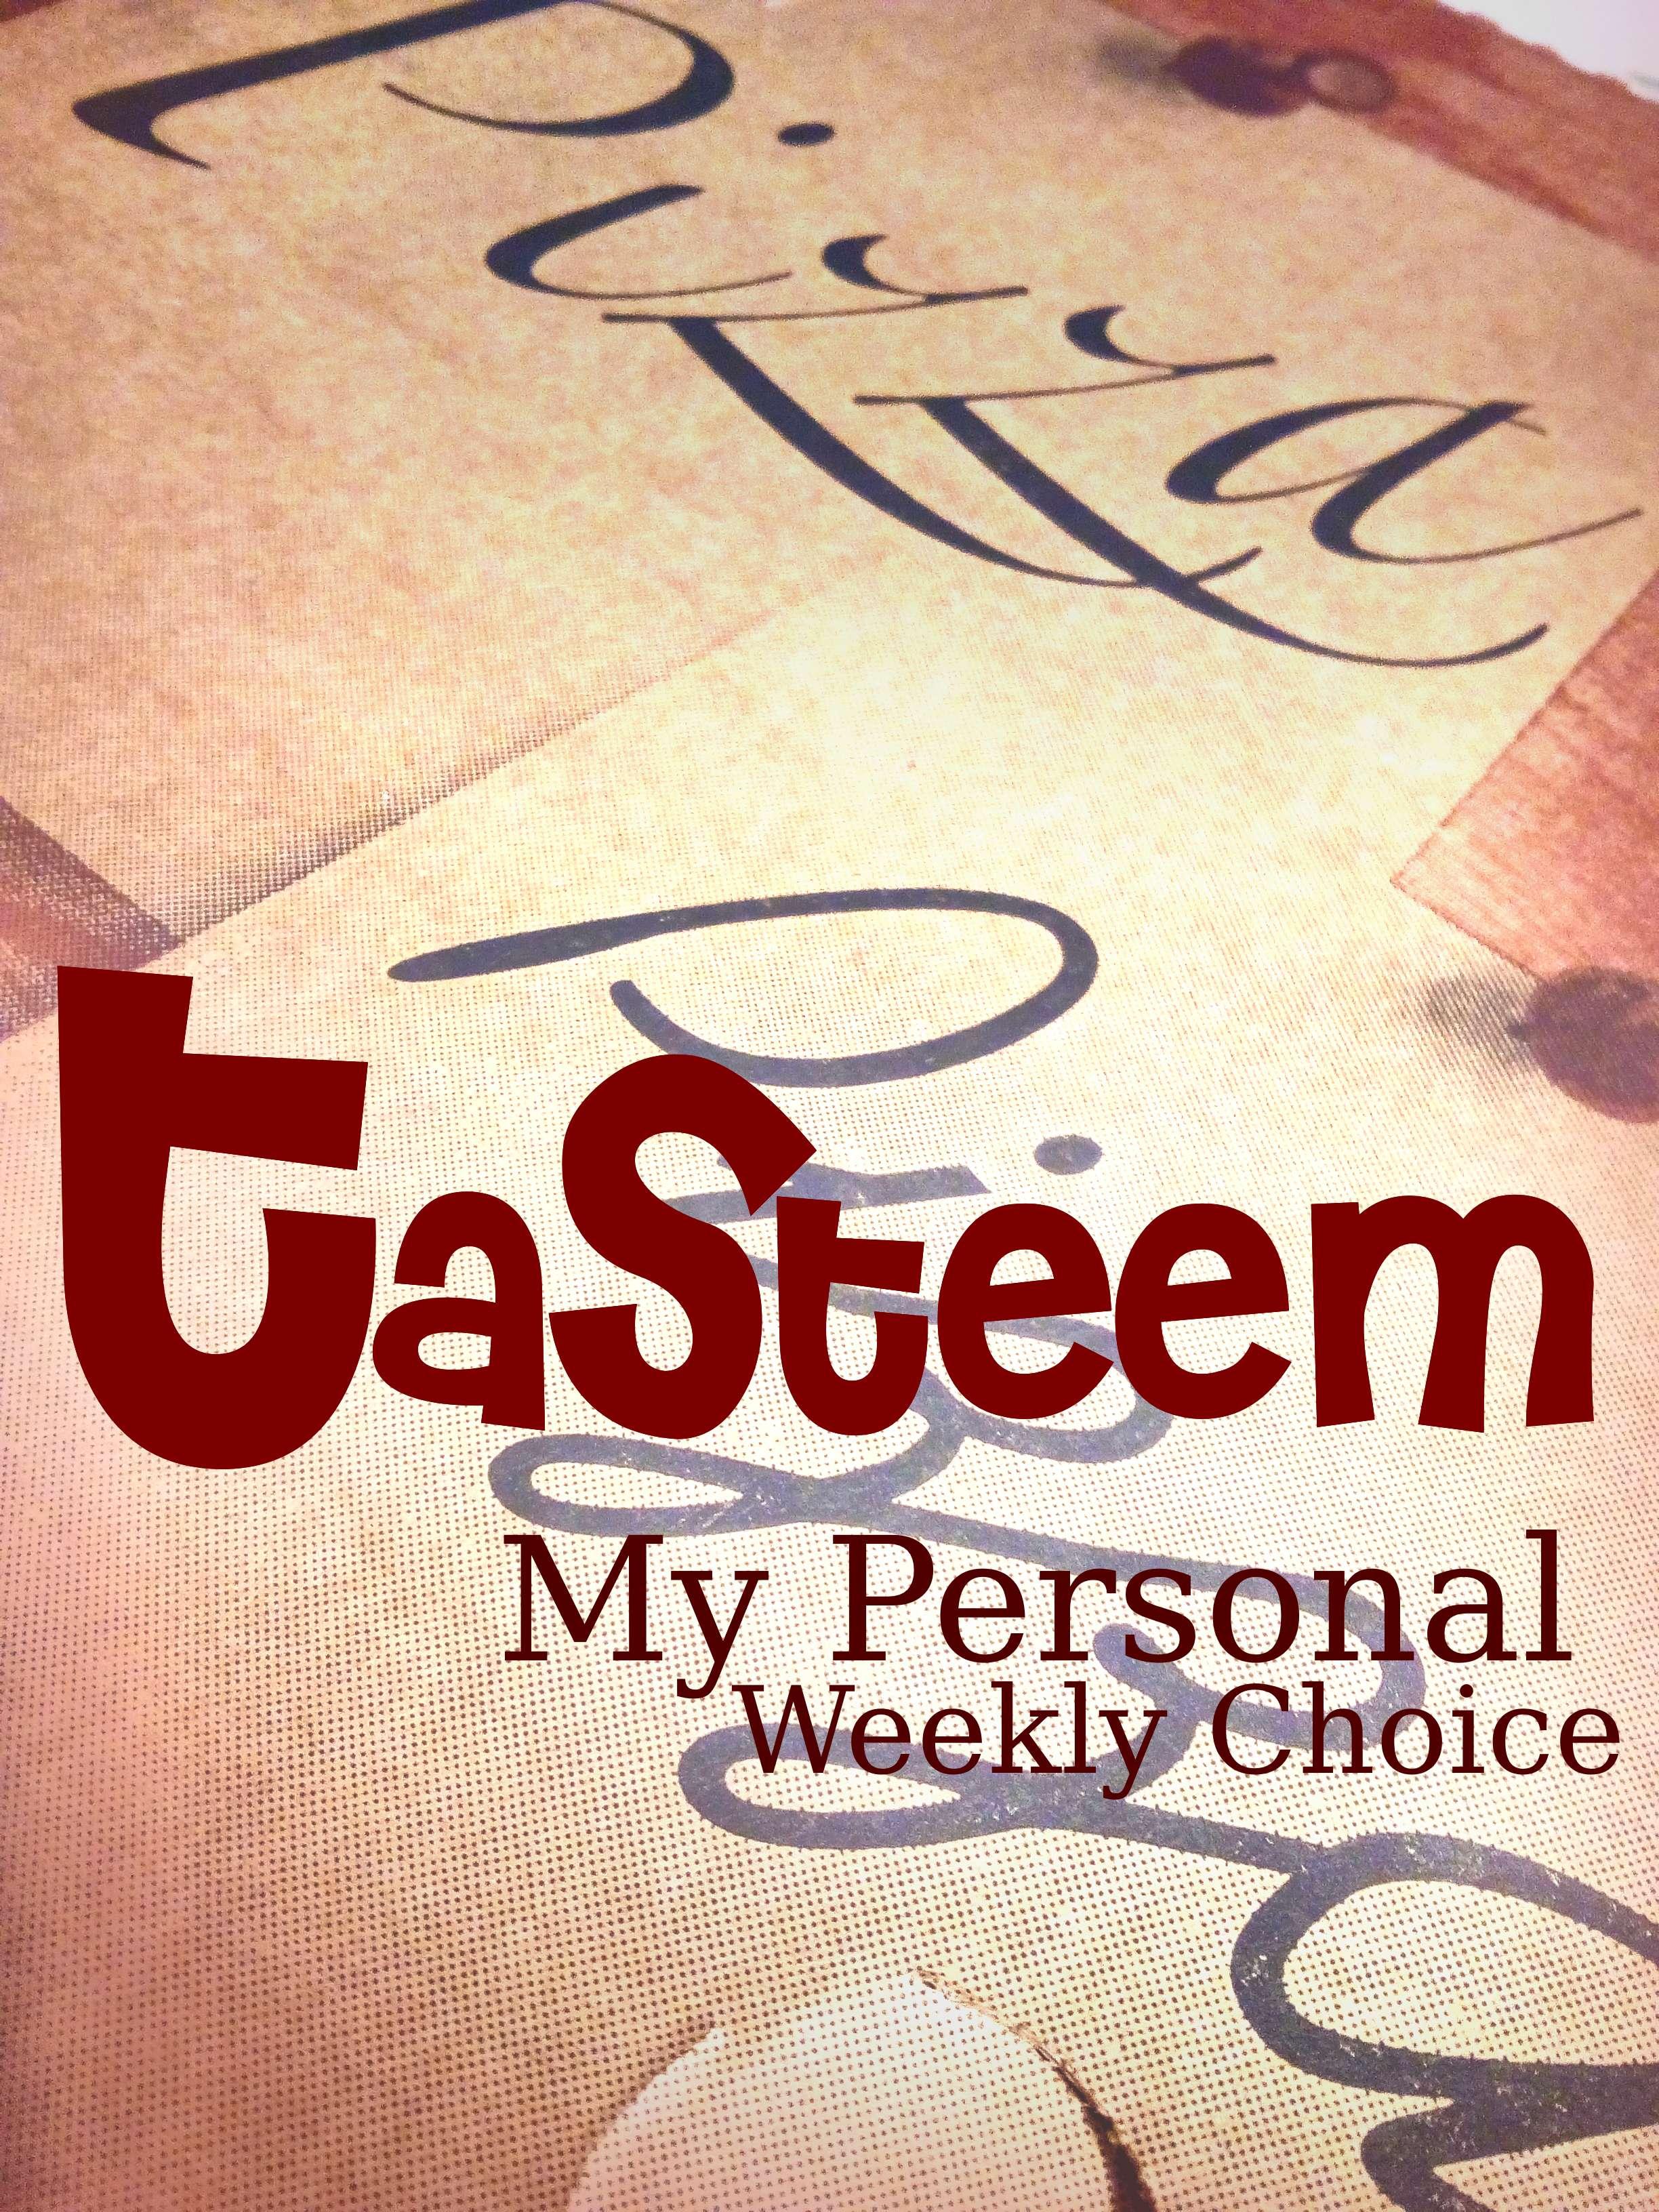 TasteemPersonalWeeklyChoice.jpg